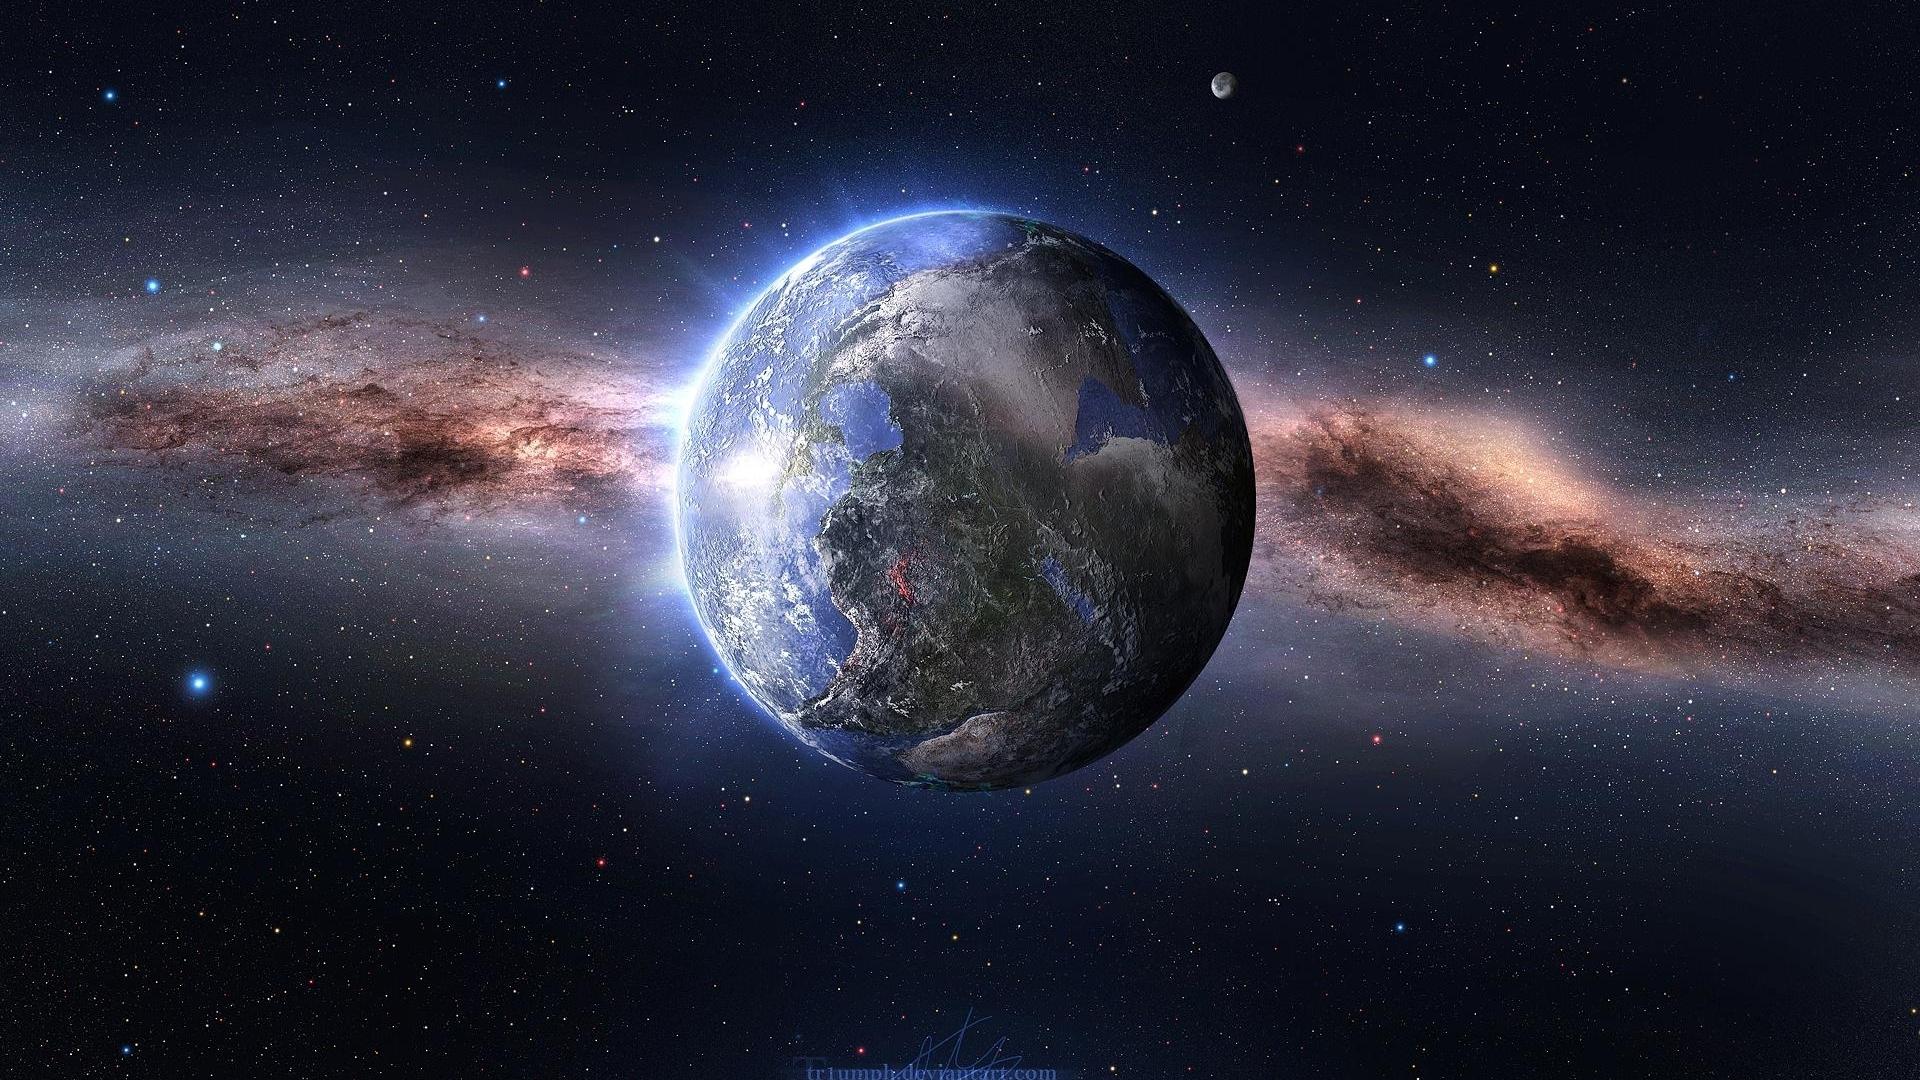 планета в космосе, скачать фото, космос